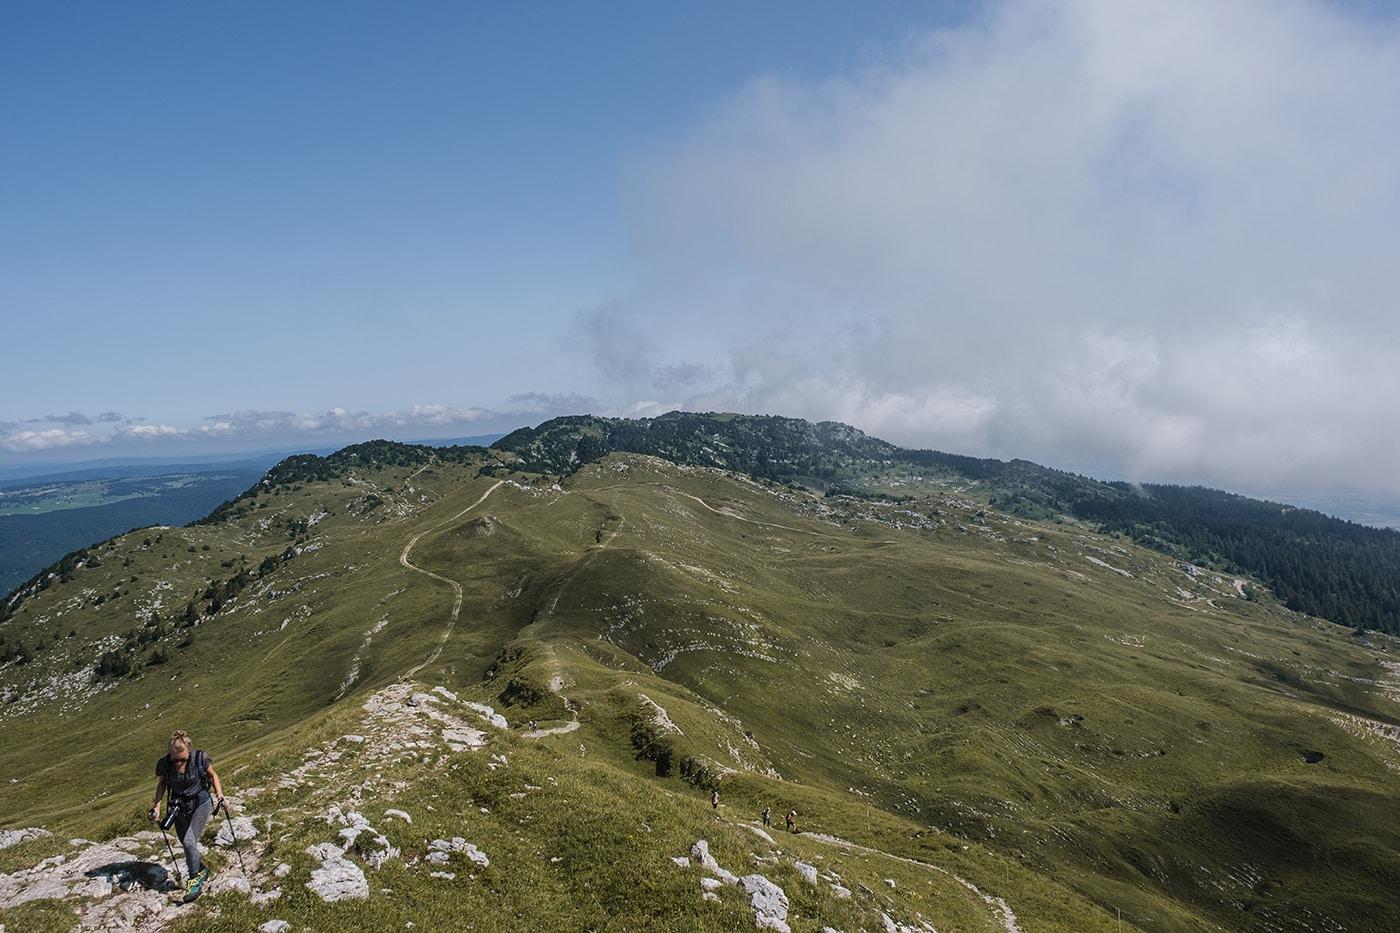 Randonnée au Crêt de la Neige et au Reculet dans le Jura